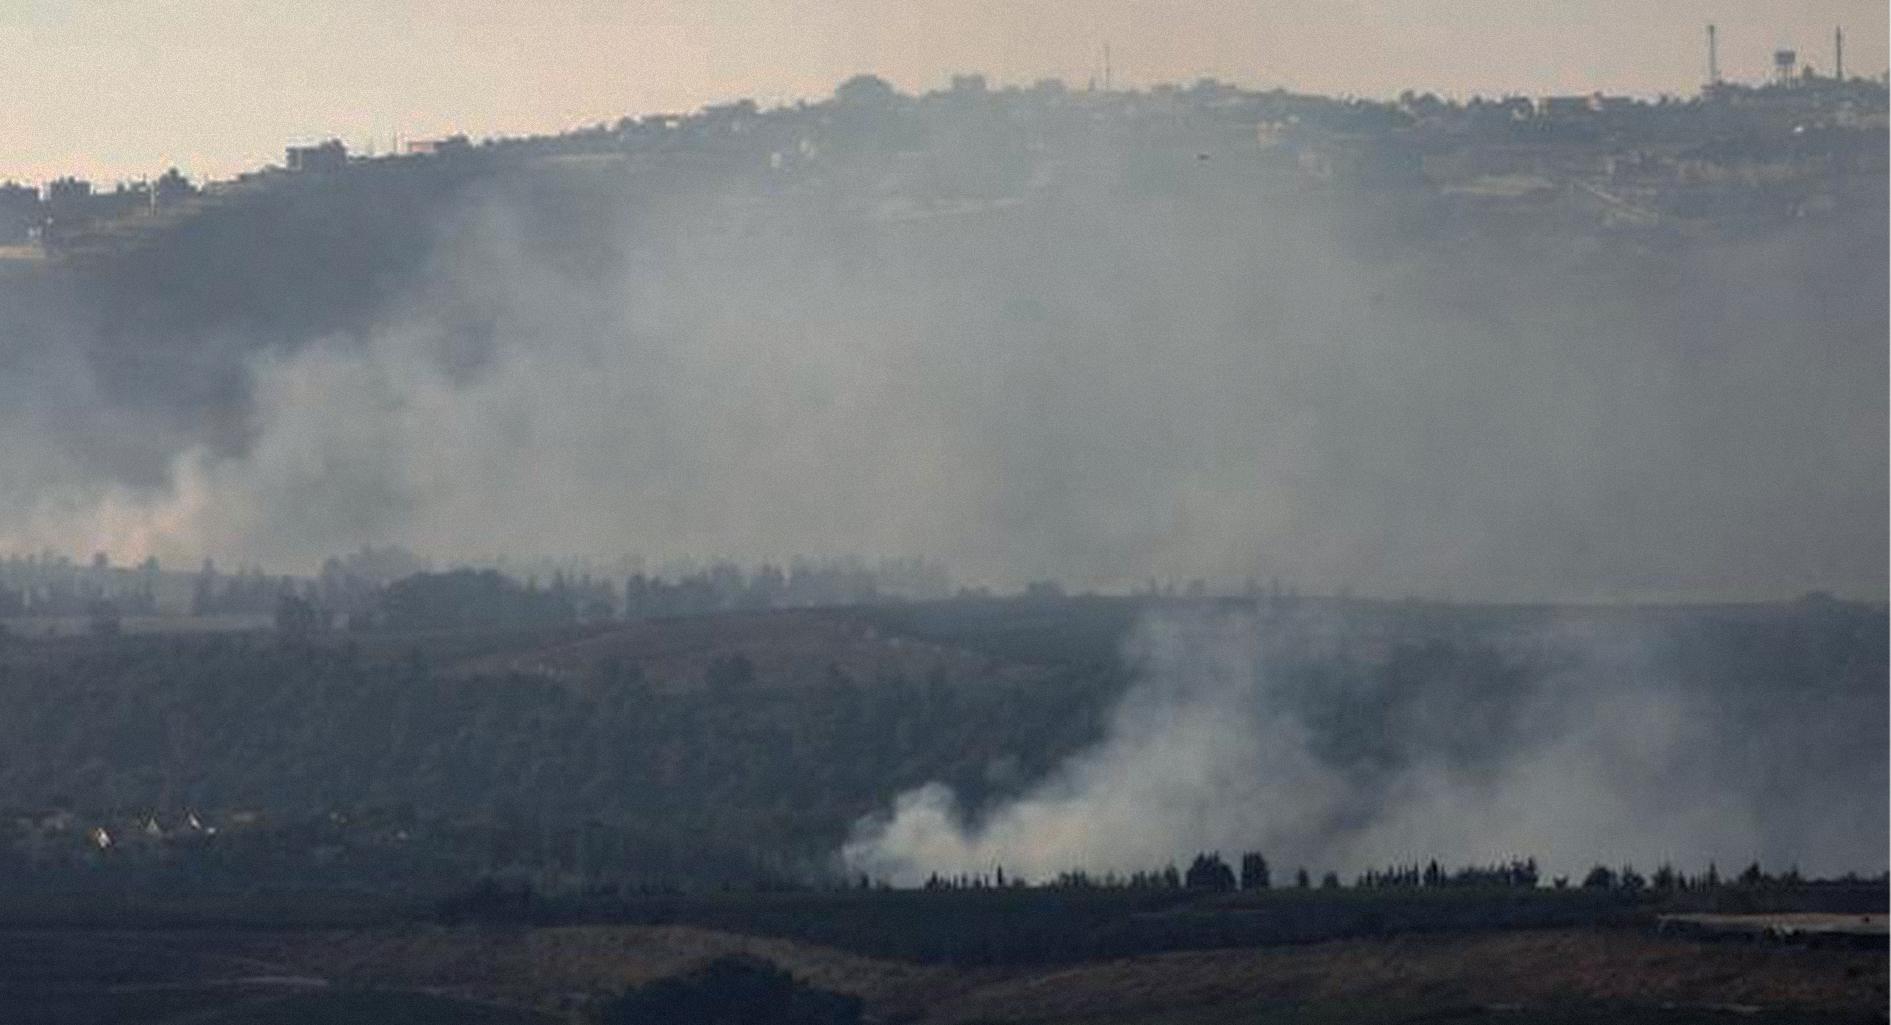 صورة إسرائيل وحزب الله يوقفان القتال في لبنان للتركيز على معاركهما في سوريا